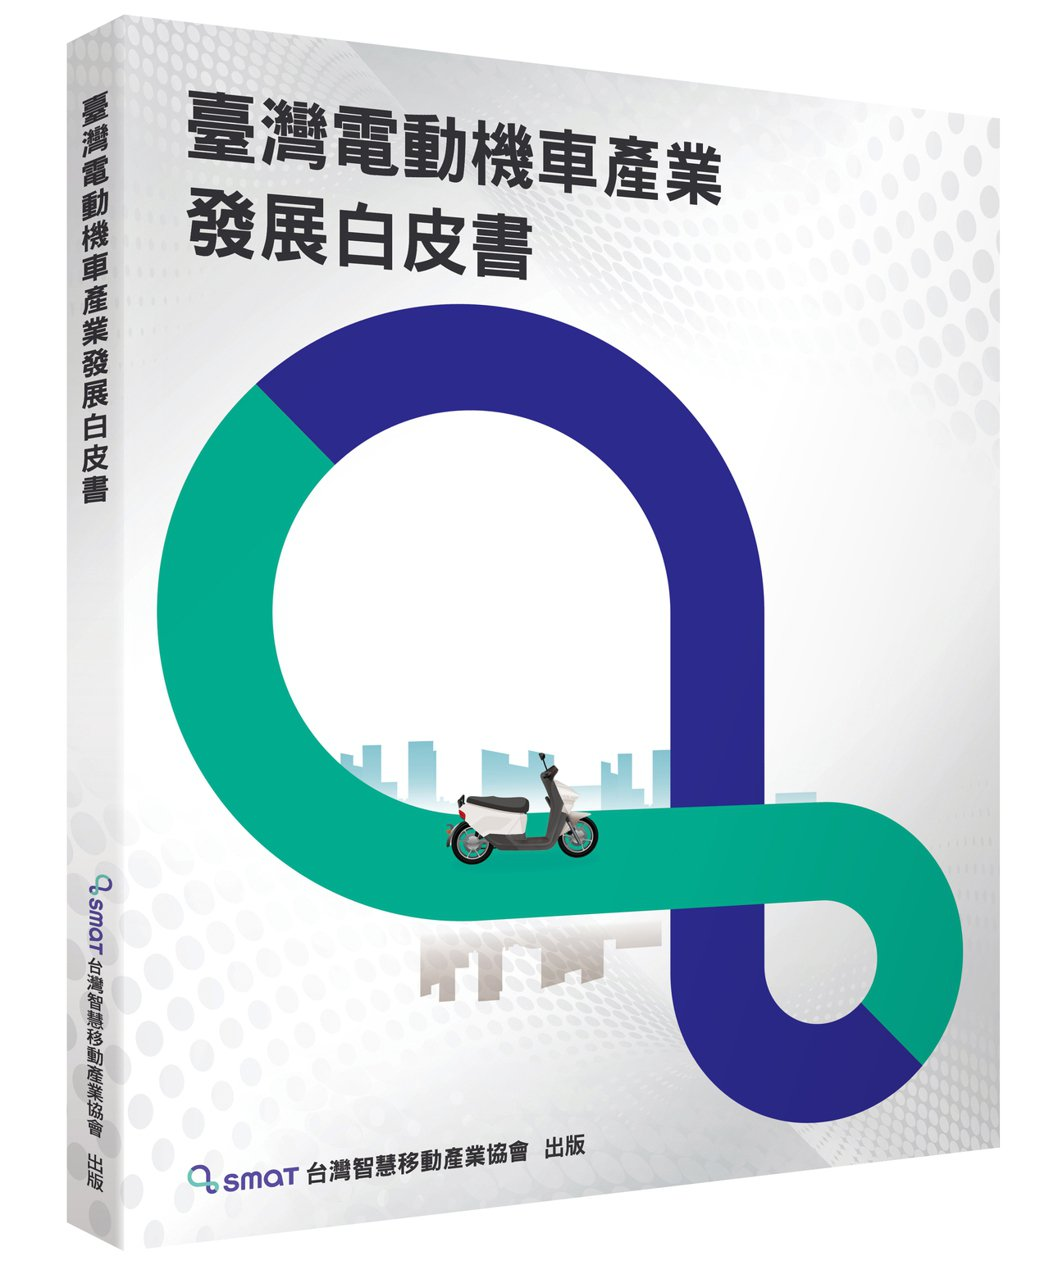 台灣第一本電動機車產業發展白皮書正式發行。台灣智慧移動產業協會/提供